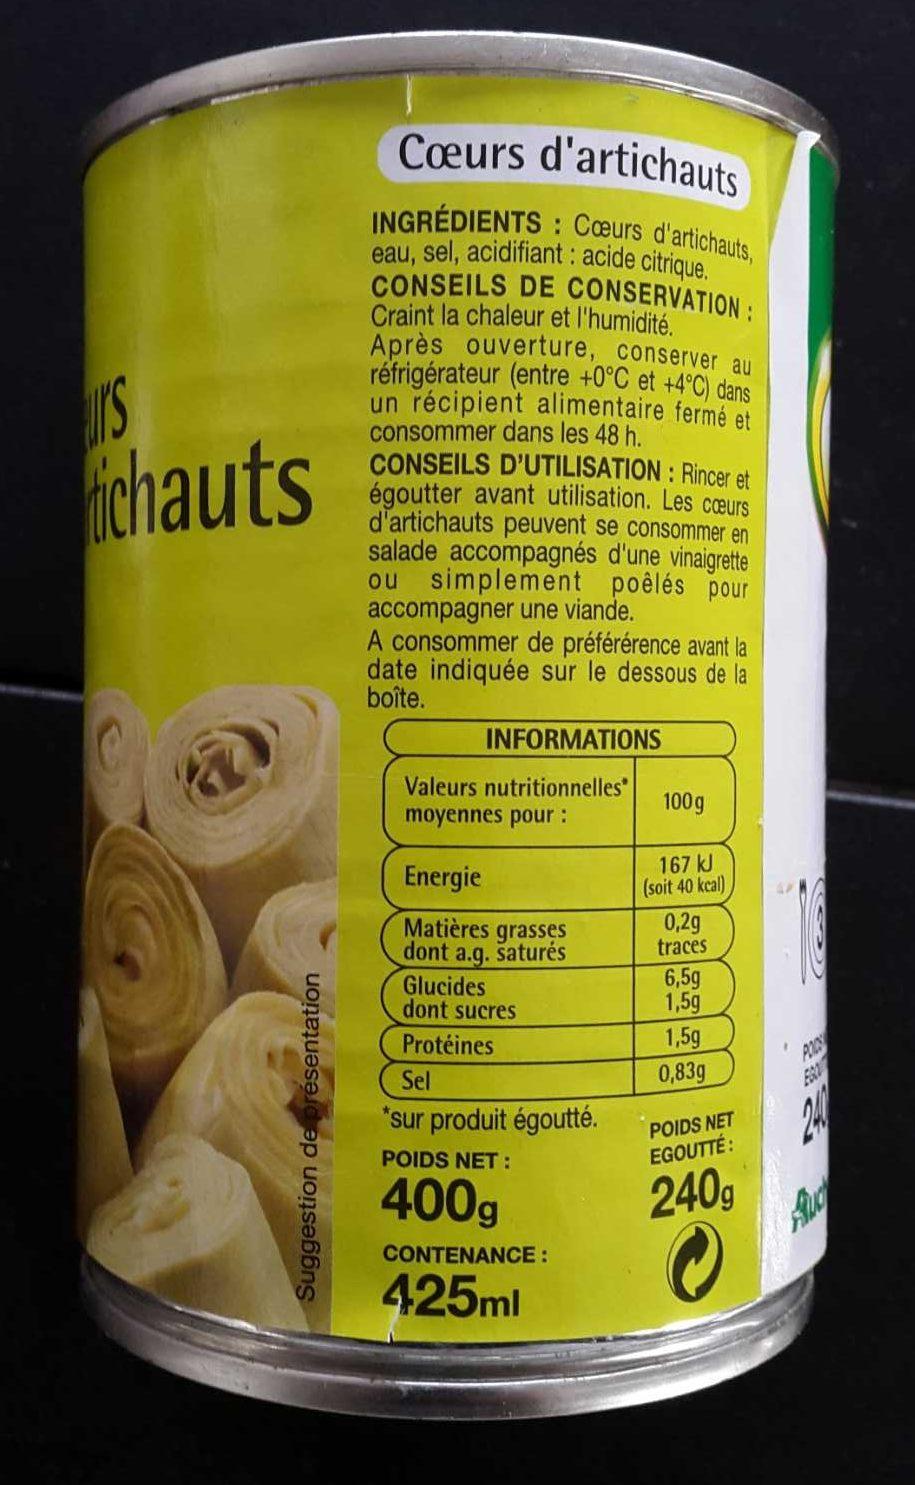 Coeurs d artichauts - Product